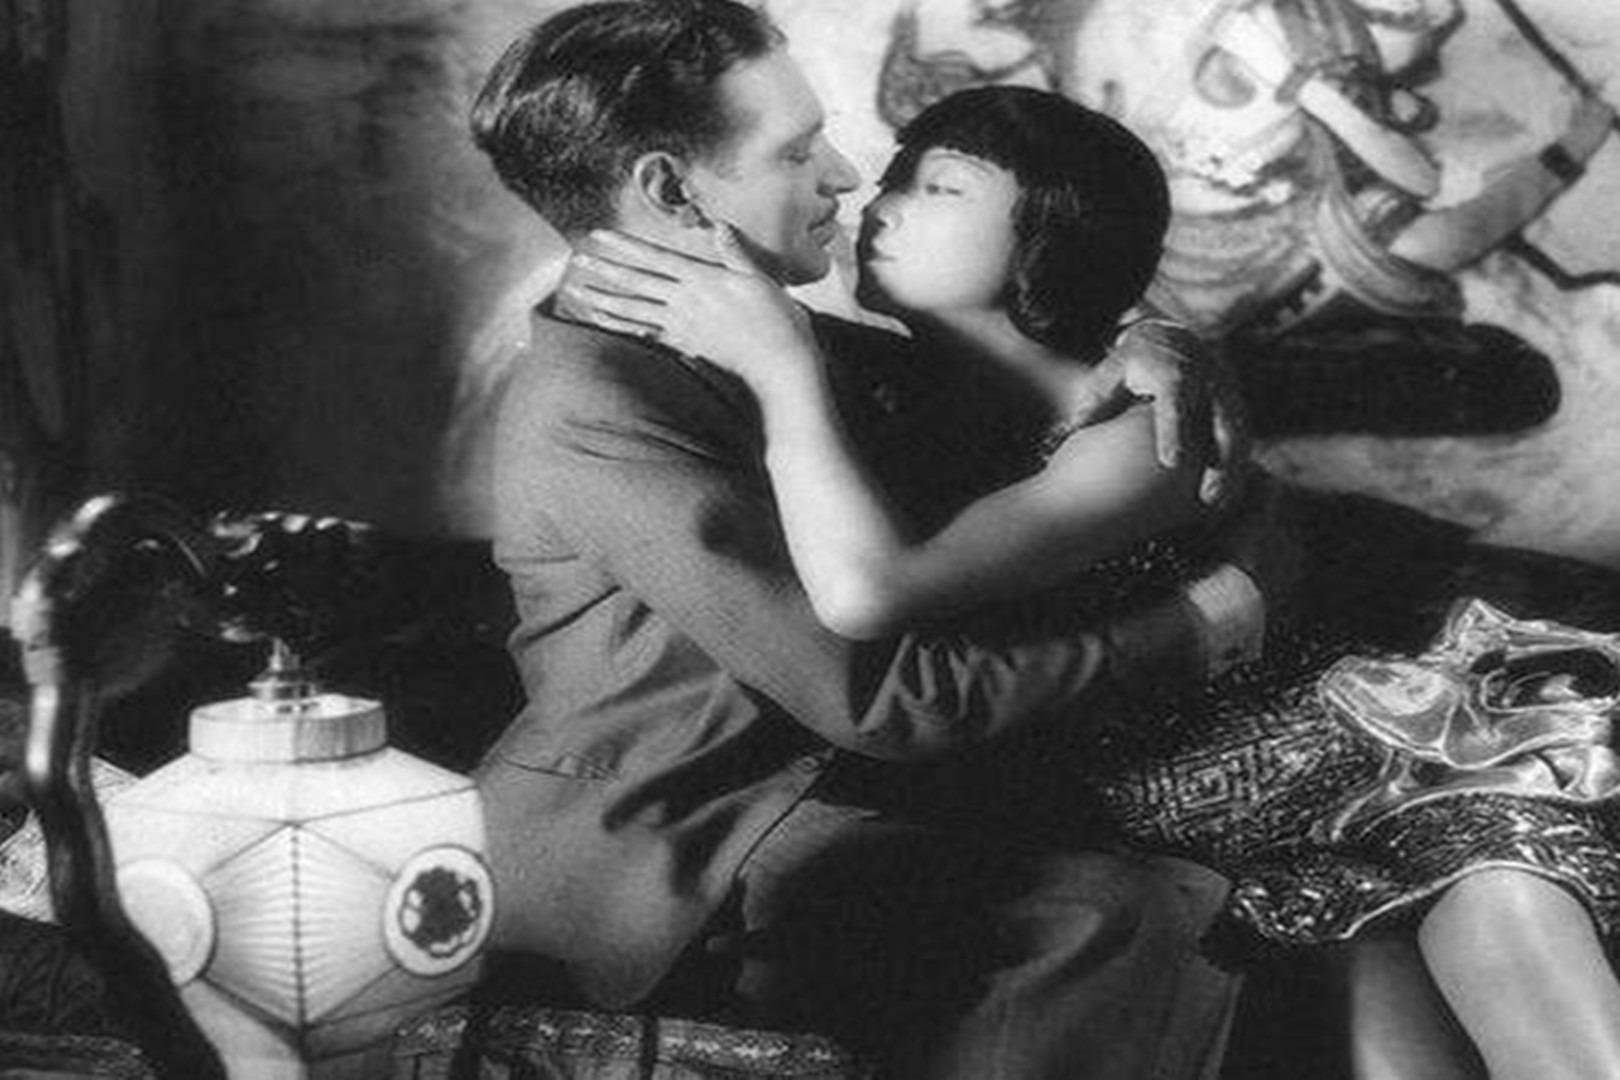 第一位获国际认可的华裔女演员,为抗日战争做出贡献却被辱骂多年